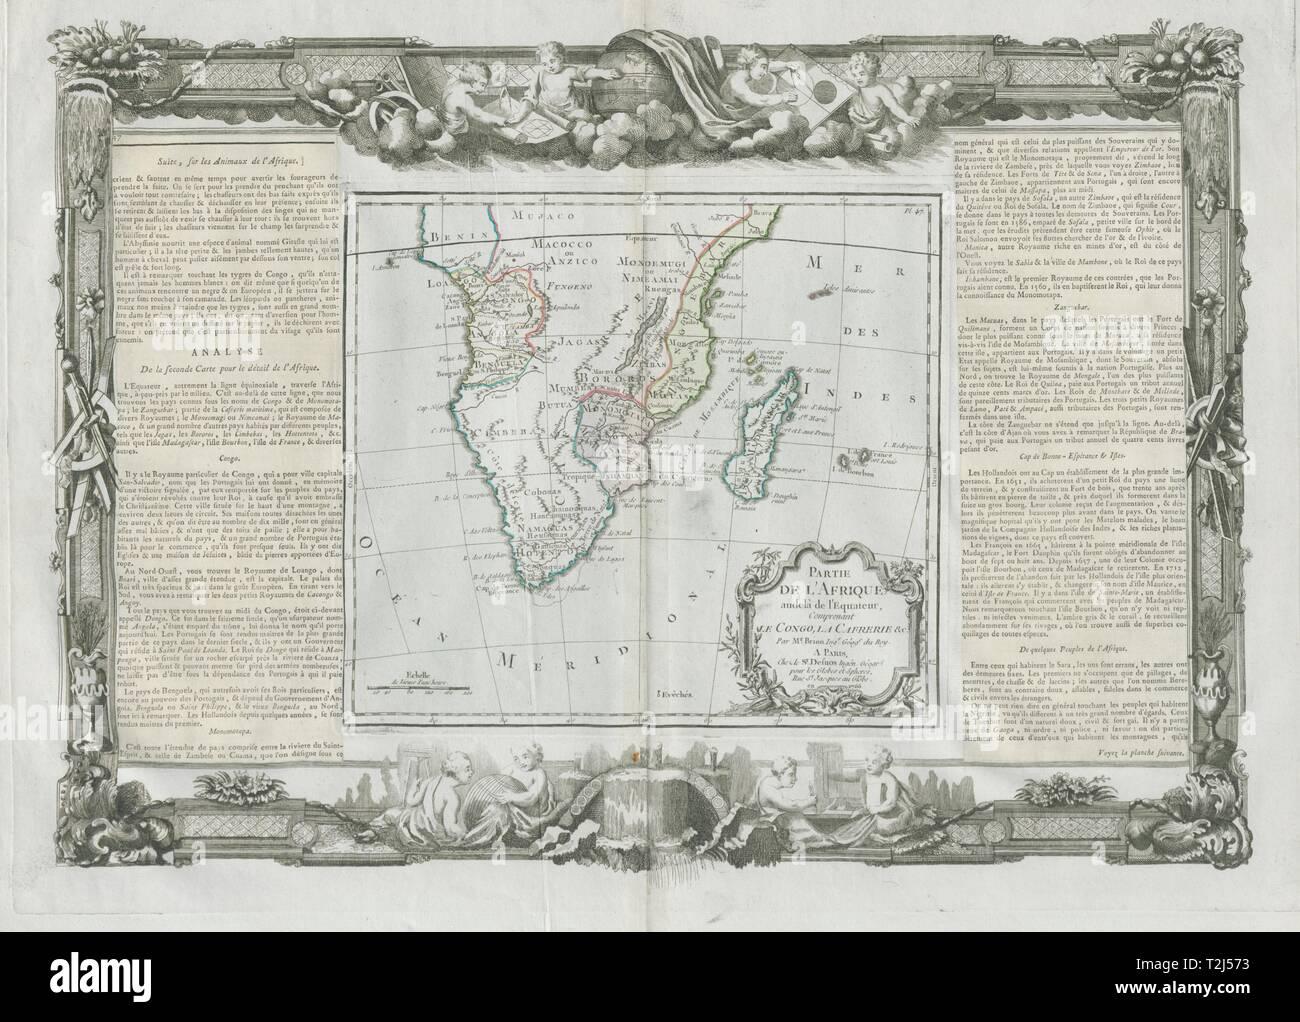 'Partie de l'Afrique audelà de l'Equateur'. Africa. DESNOS/DE LA TOUR 1771 map - Stock Image